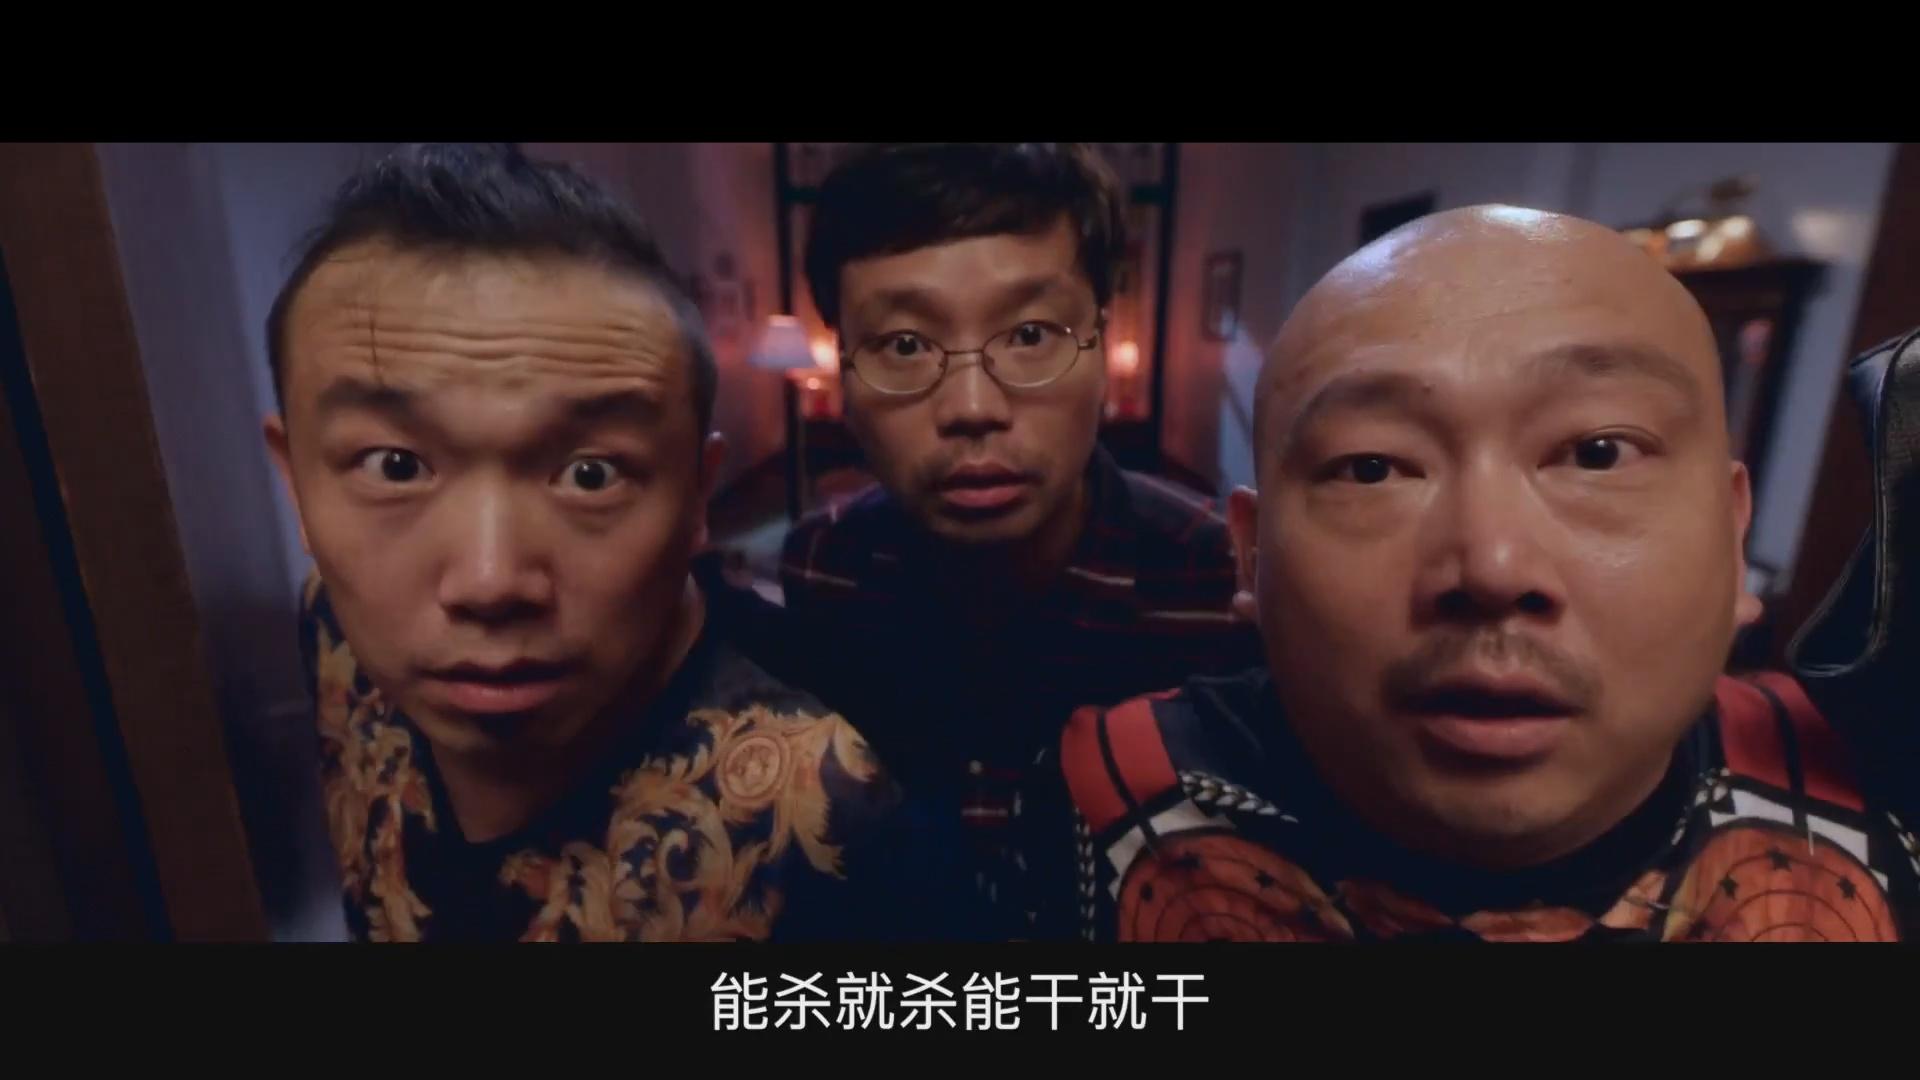 曾志伟王迅引发异国大逃杀,贺岁喜剧《这就是命》神反转电影预告